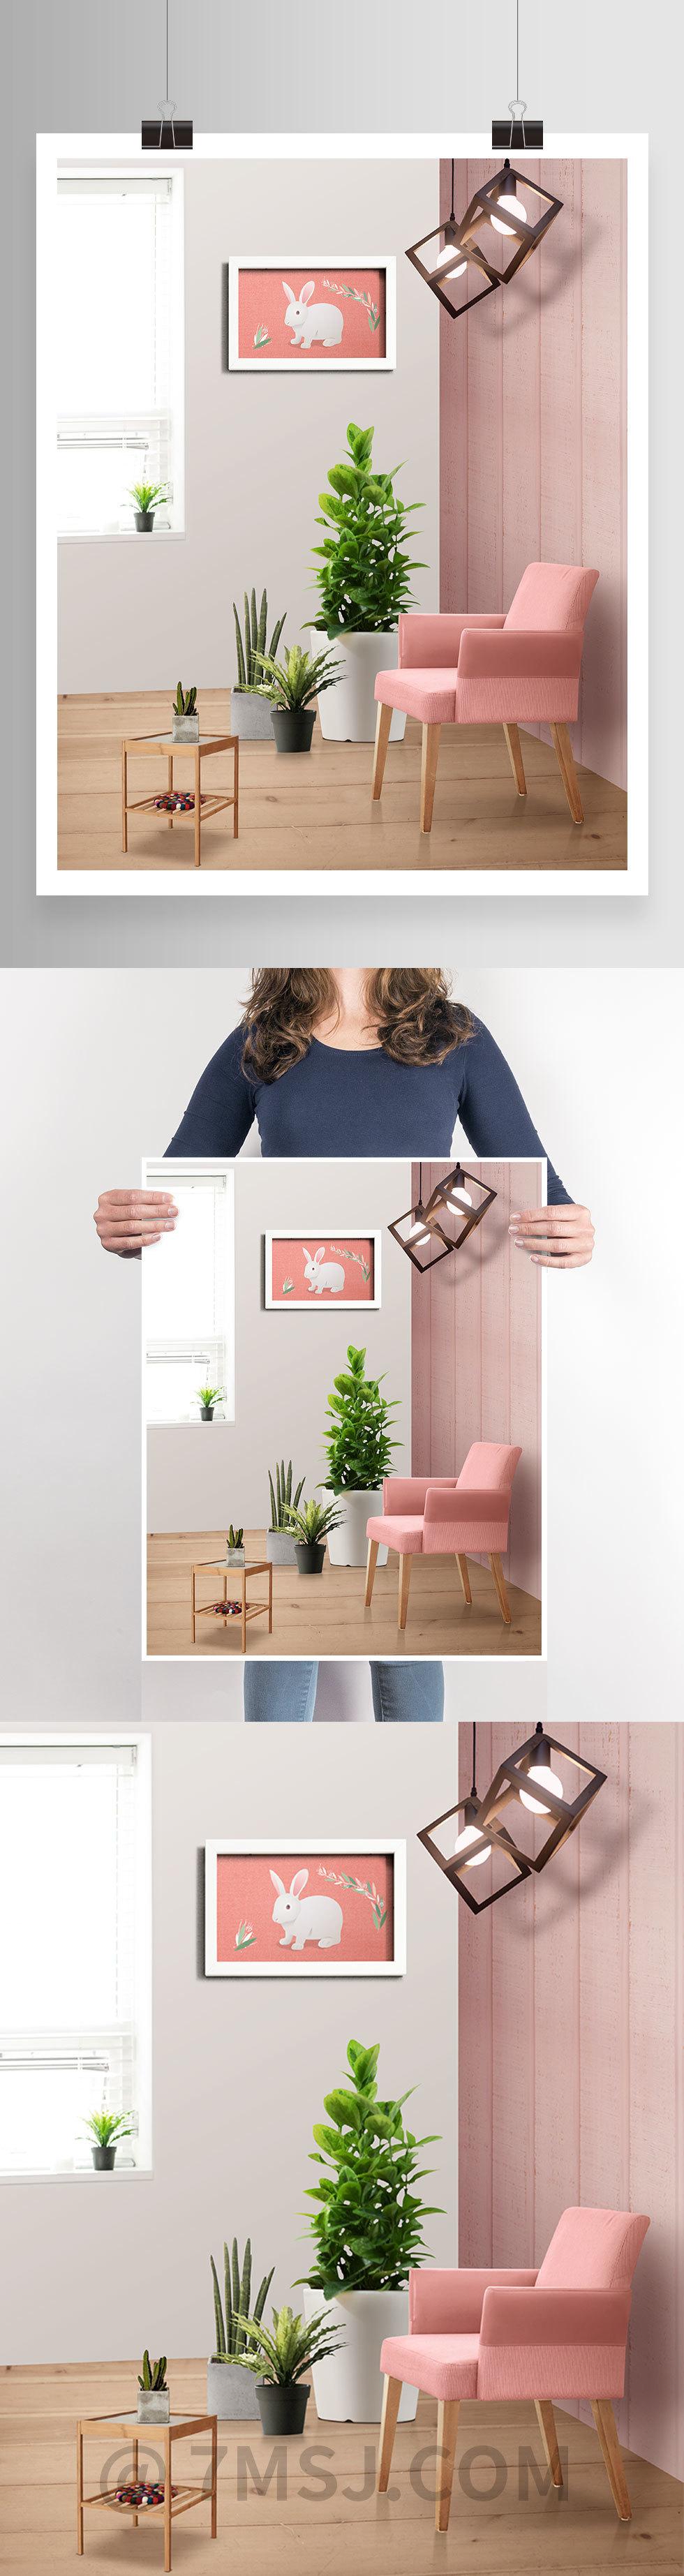 时尚家居家具沙发海报素材